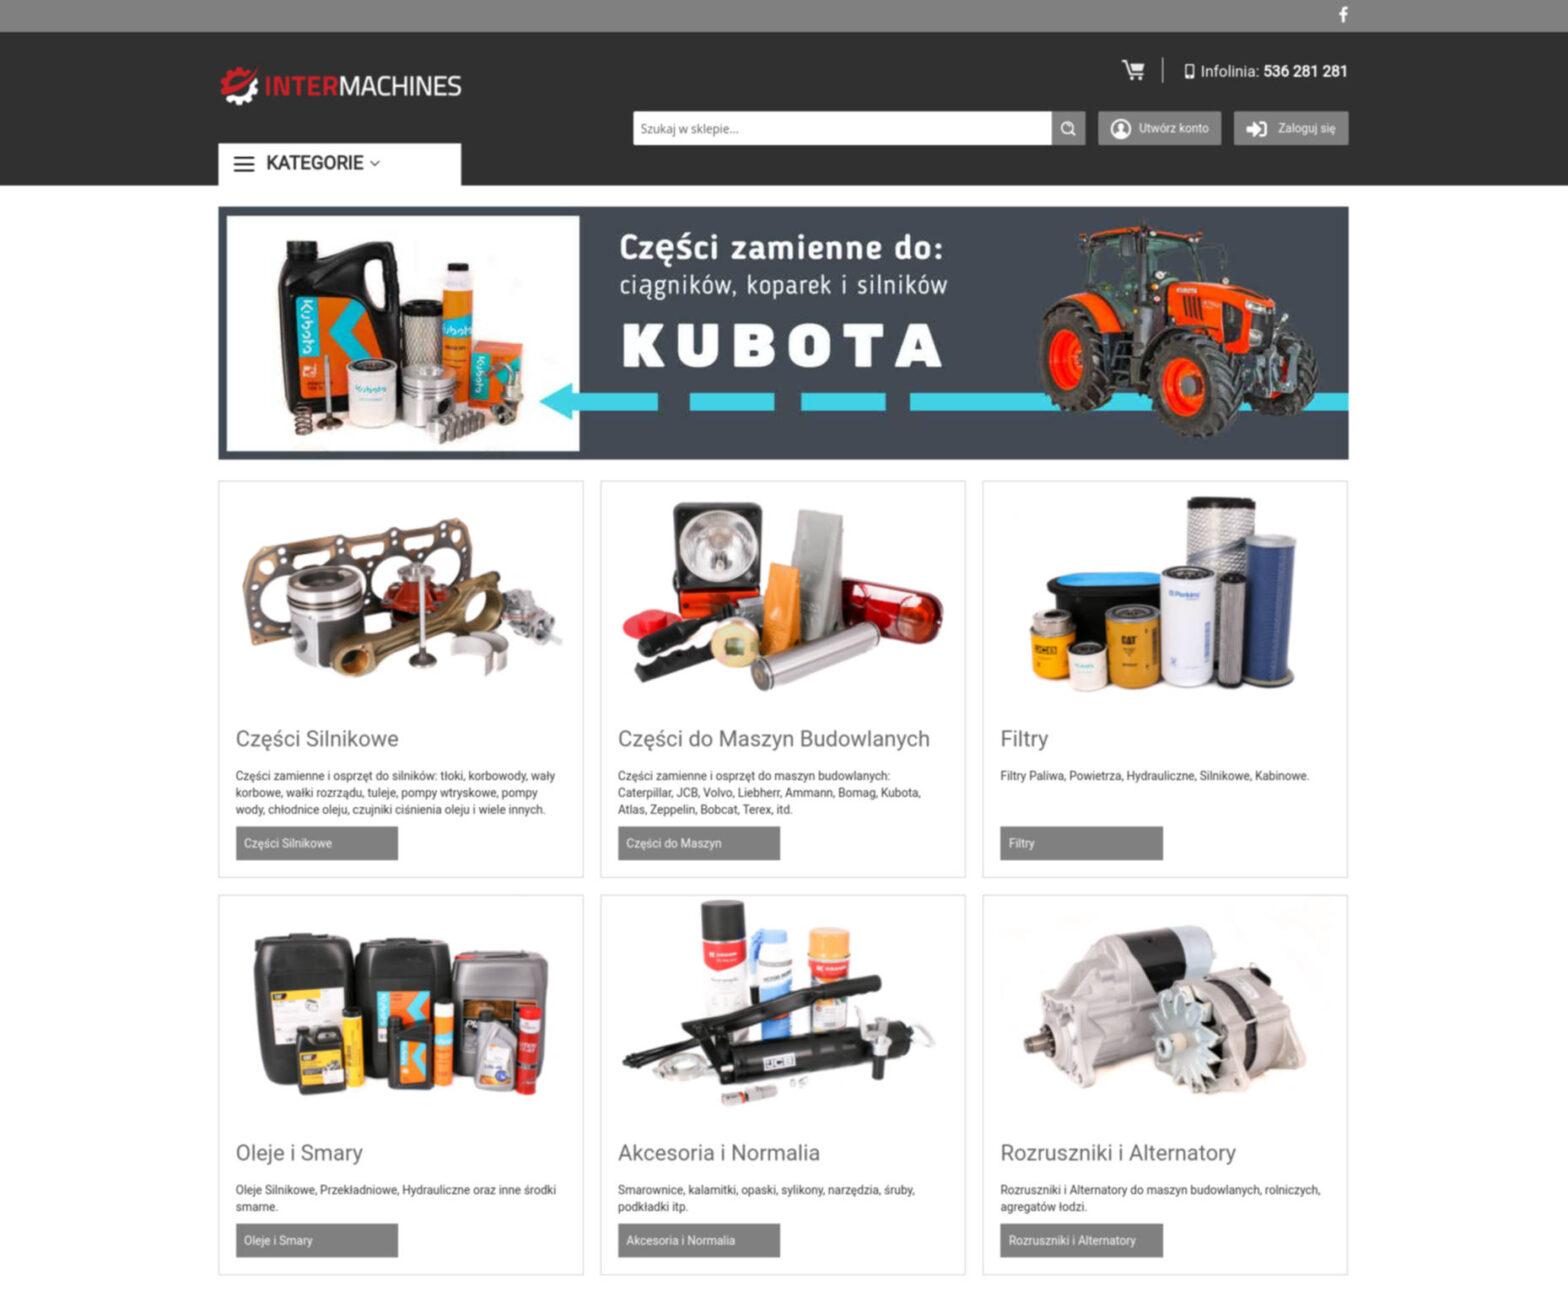 intermachines.pl - sklep z częściami do maszyn budowlanych i rolniczych